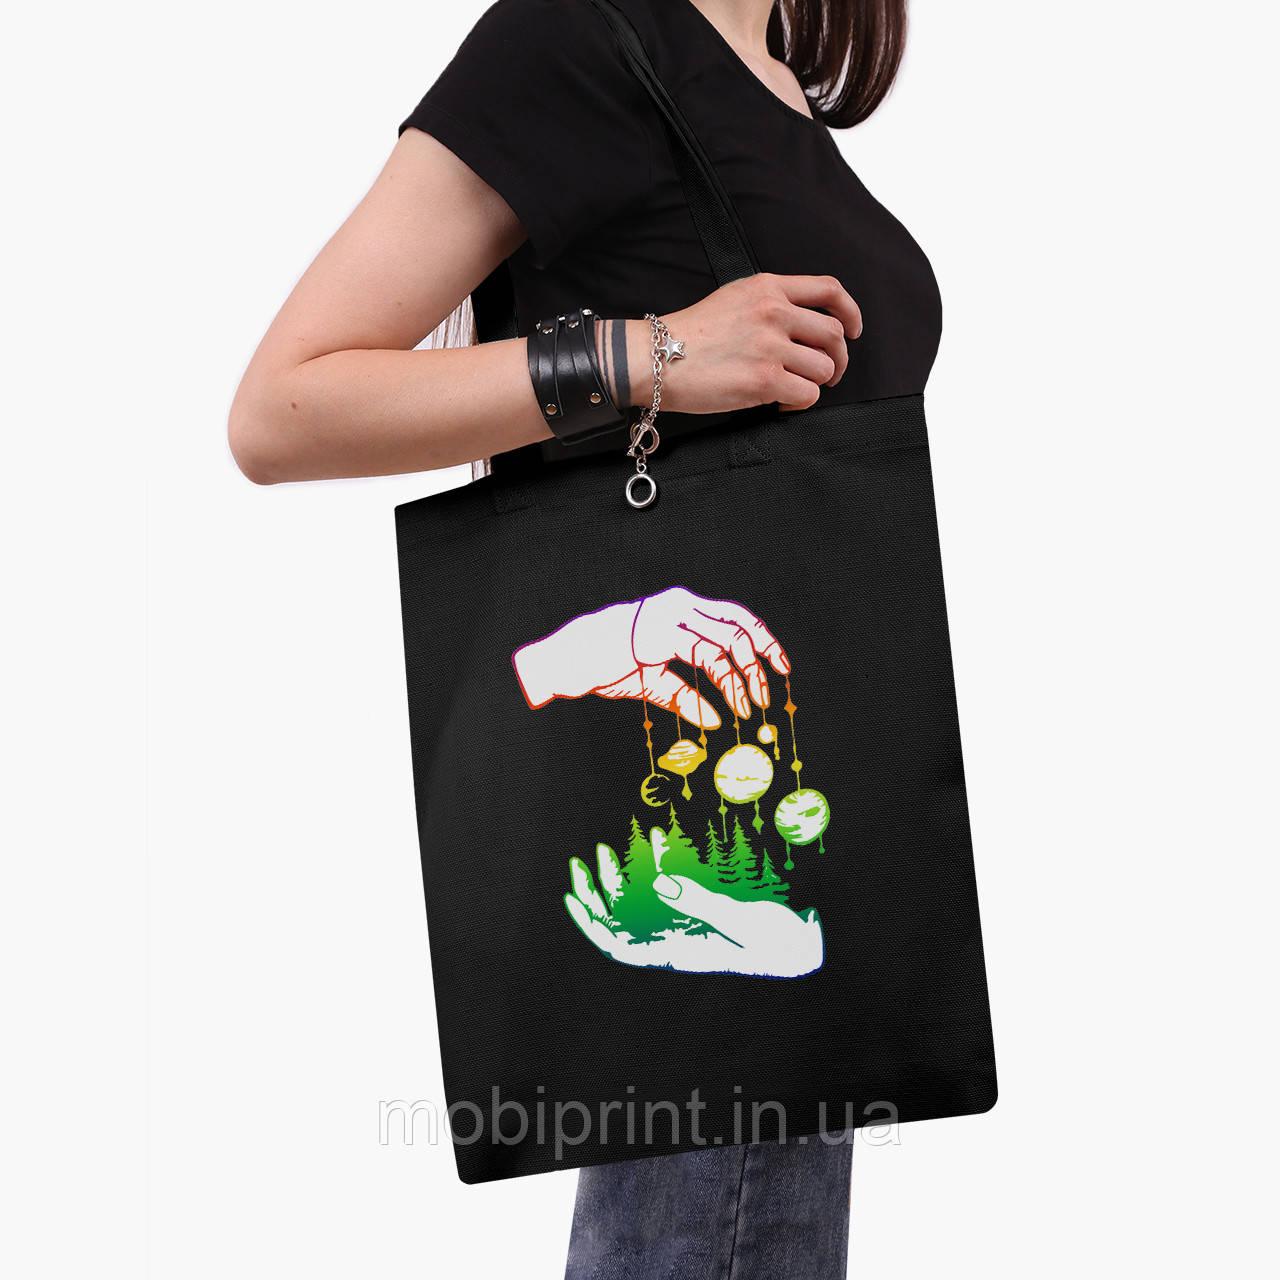 Эко сумка шоппер черная Искусство (Art) (9227-2843-2)  41*35 см